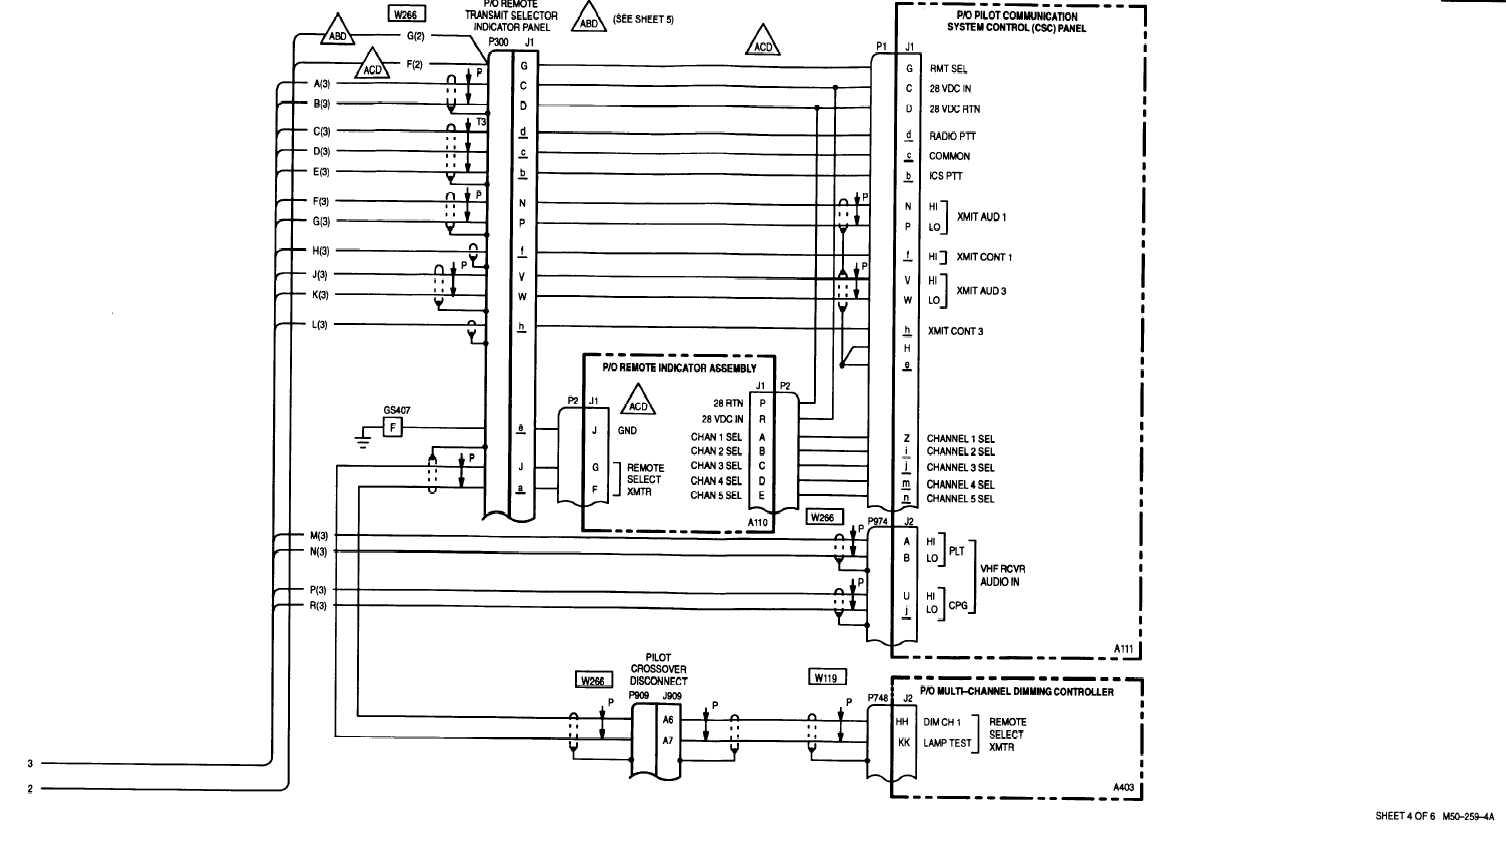 sheet 4 of 6 m50 -250